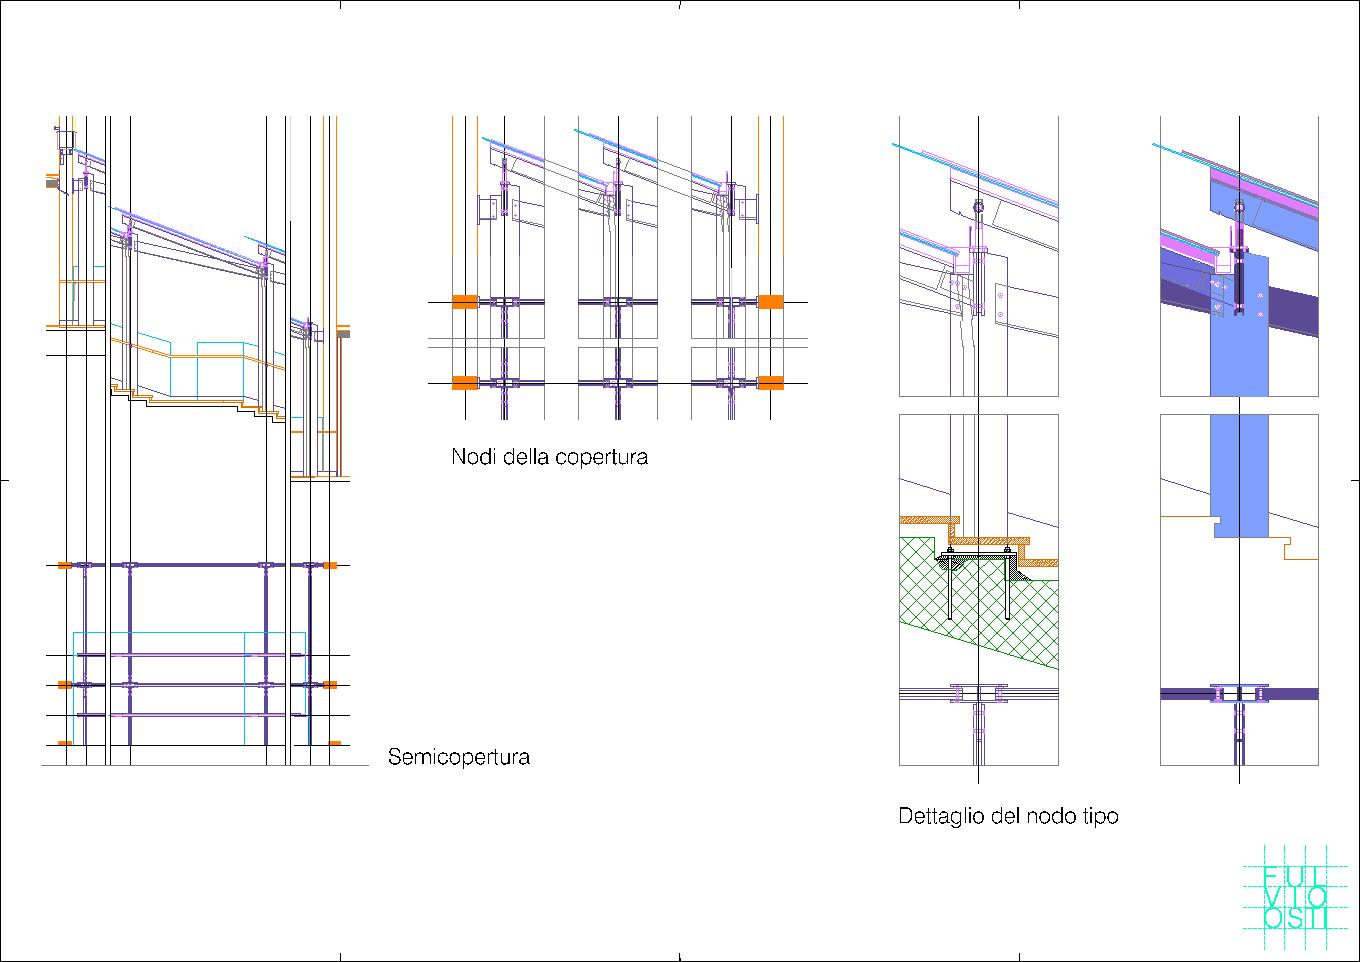 sezione-generale-long-copia-modello